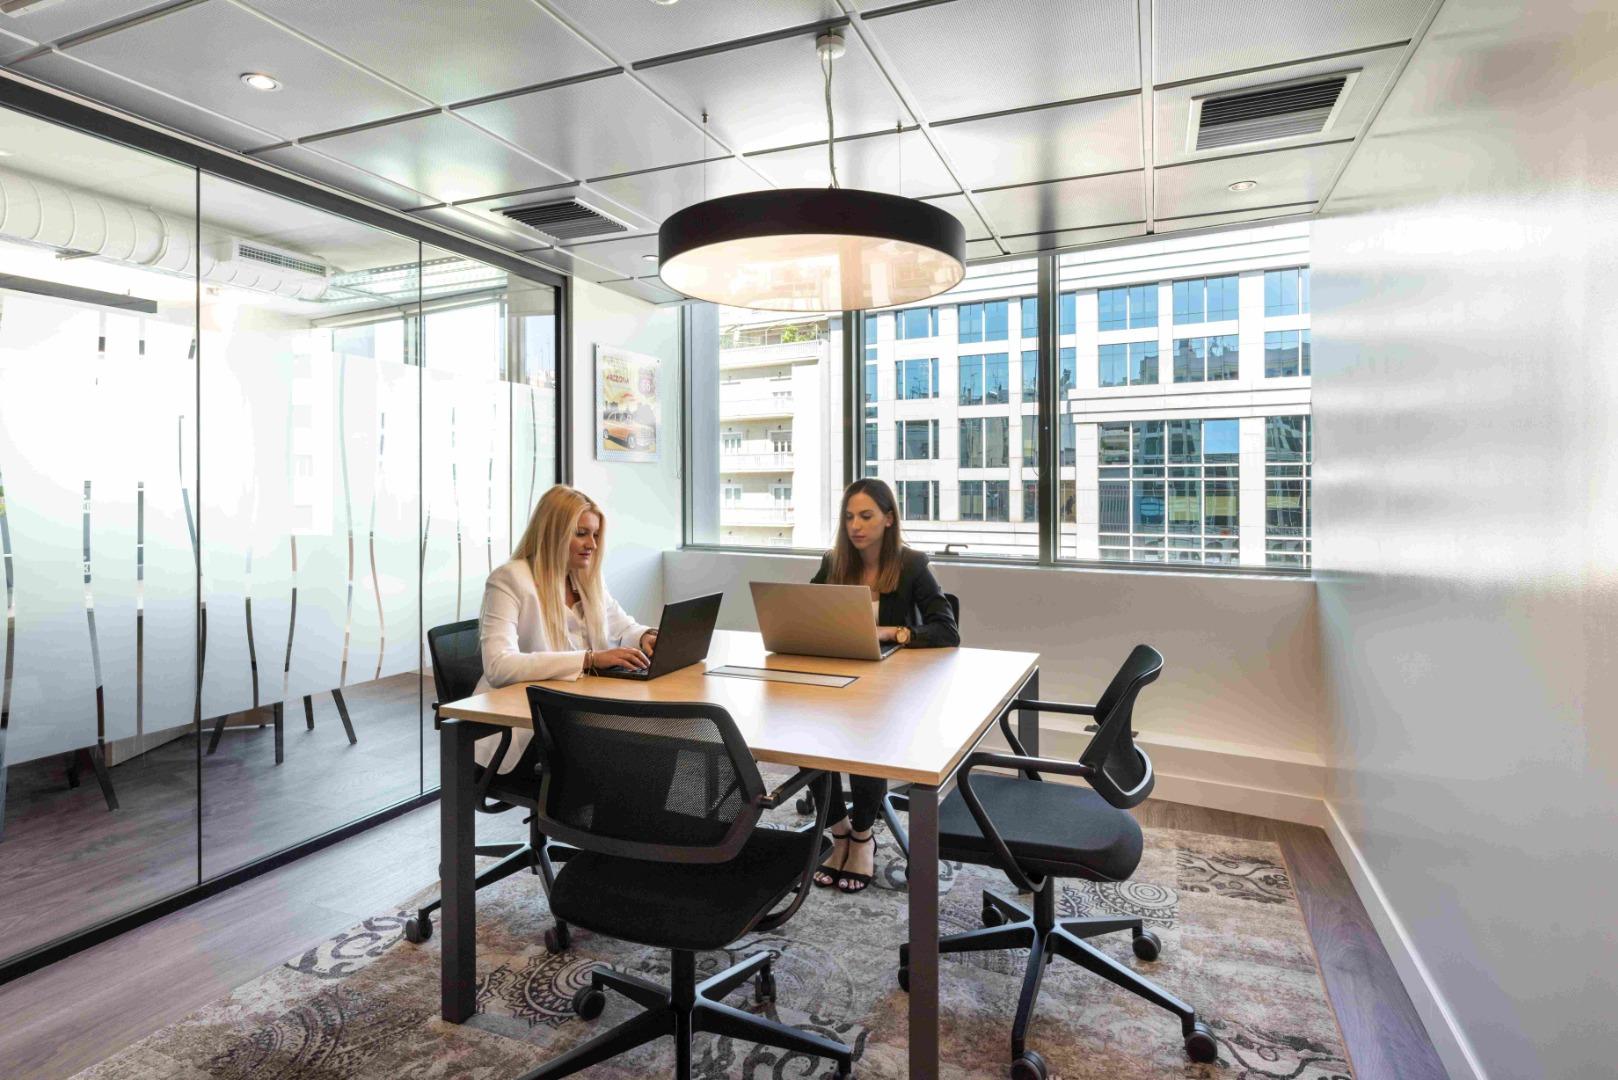 Ofis hayatı tamamen değişiyor